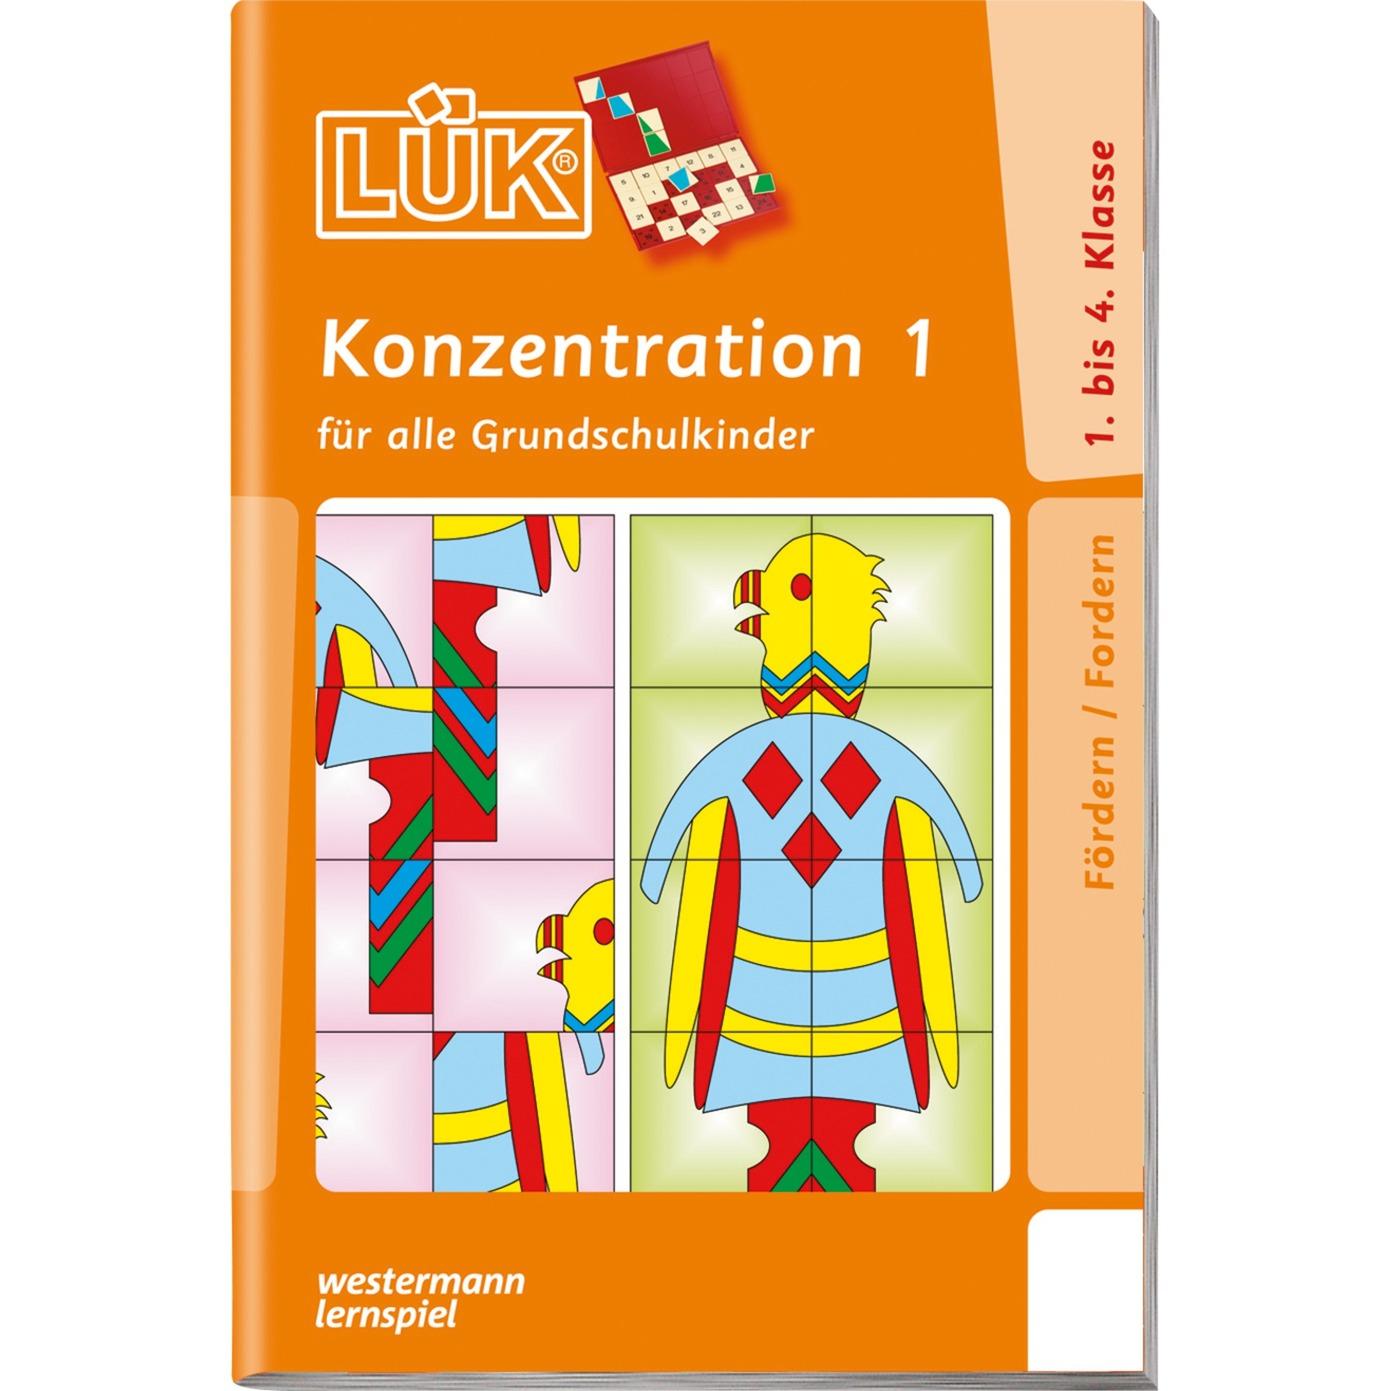 Konzentration 1 livre pour enfants, Manuel